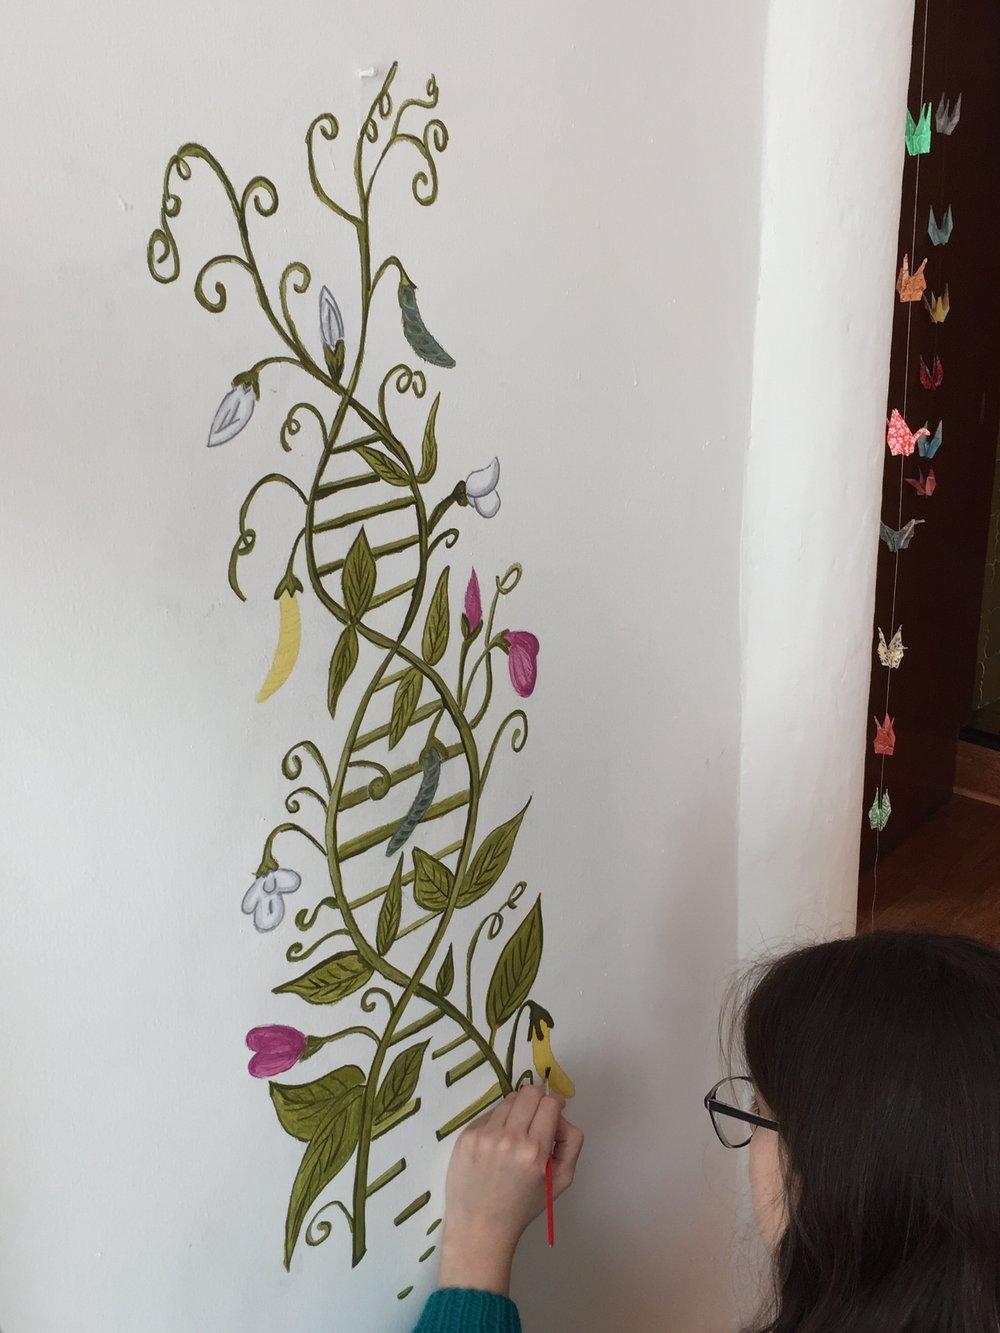 Pintando el mural...